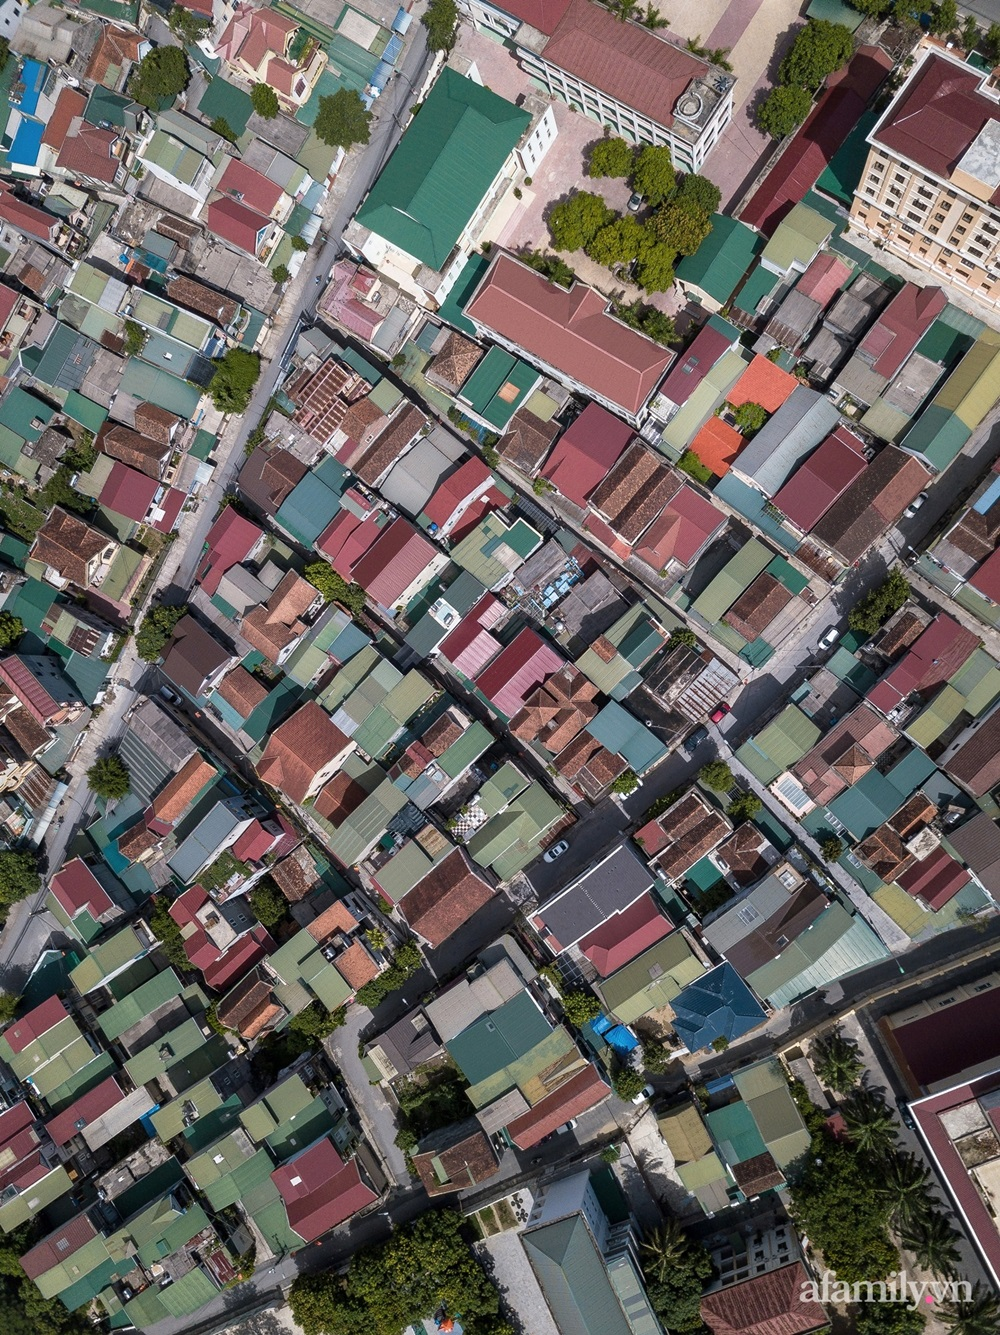 12107076438474805619518146975886748707939538o 160290262555811188635 - Ngôi nhà màu xanh mát mắt không cần dùng đến điều hòa ở giữa thành phố của gió Lào và nắng cháy – Vinh, Nghệ An